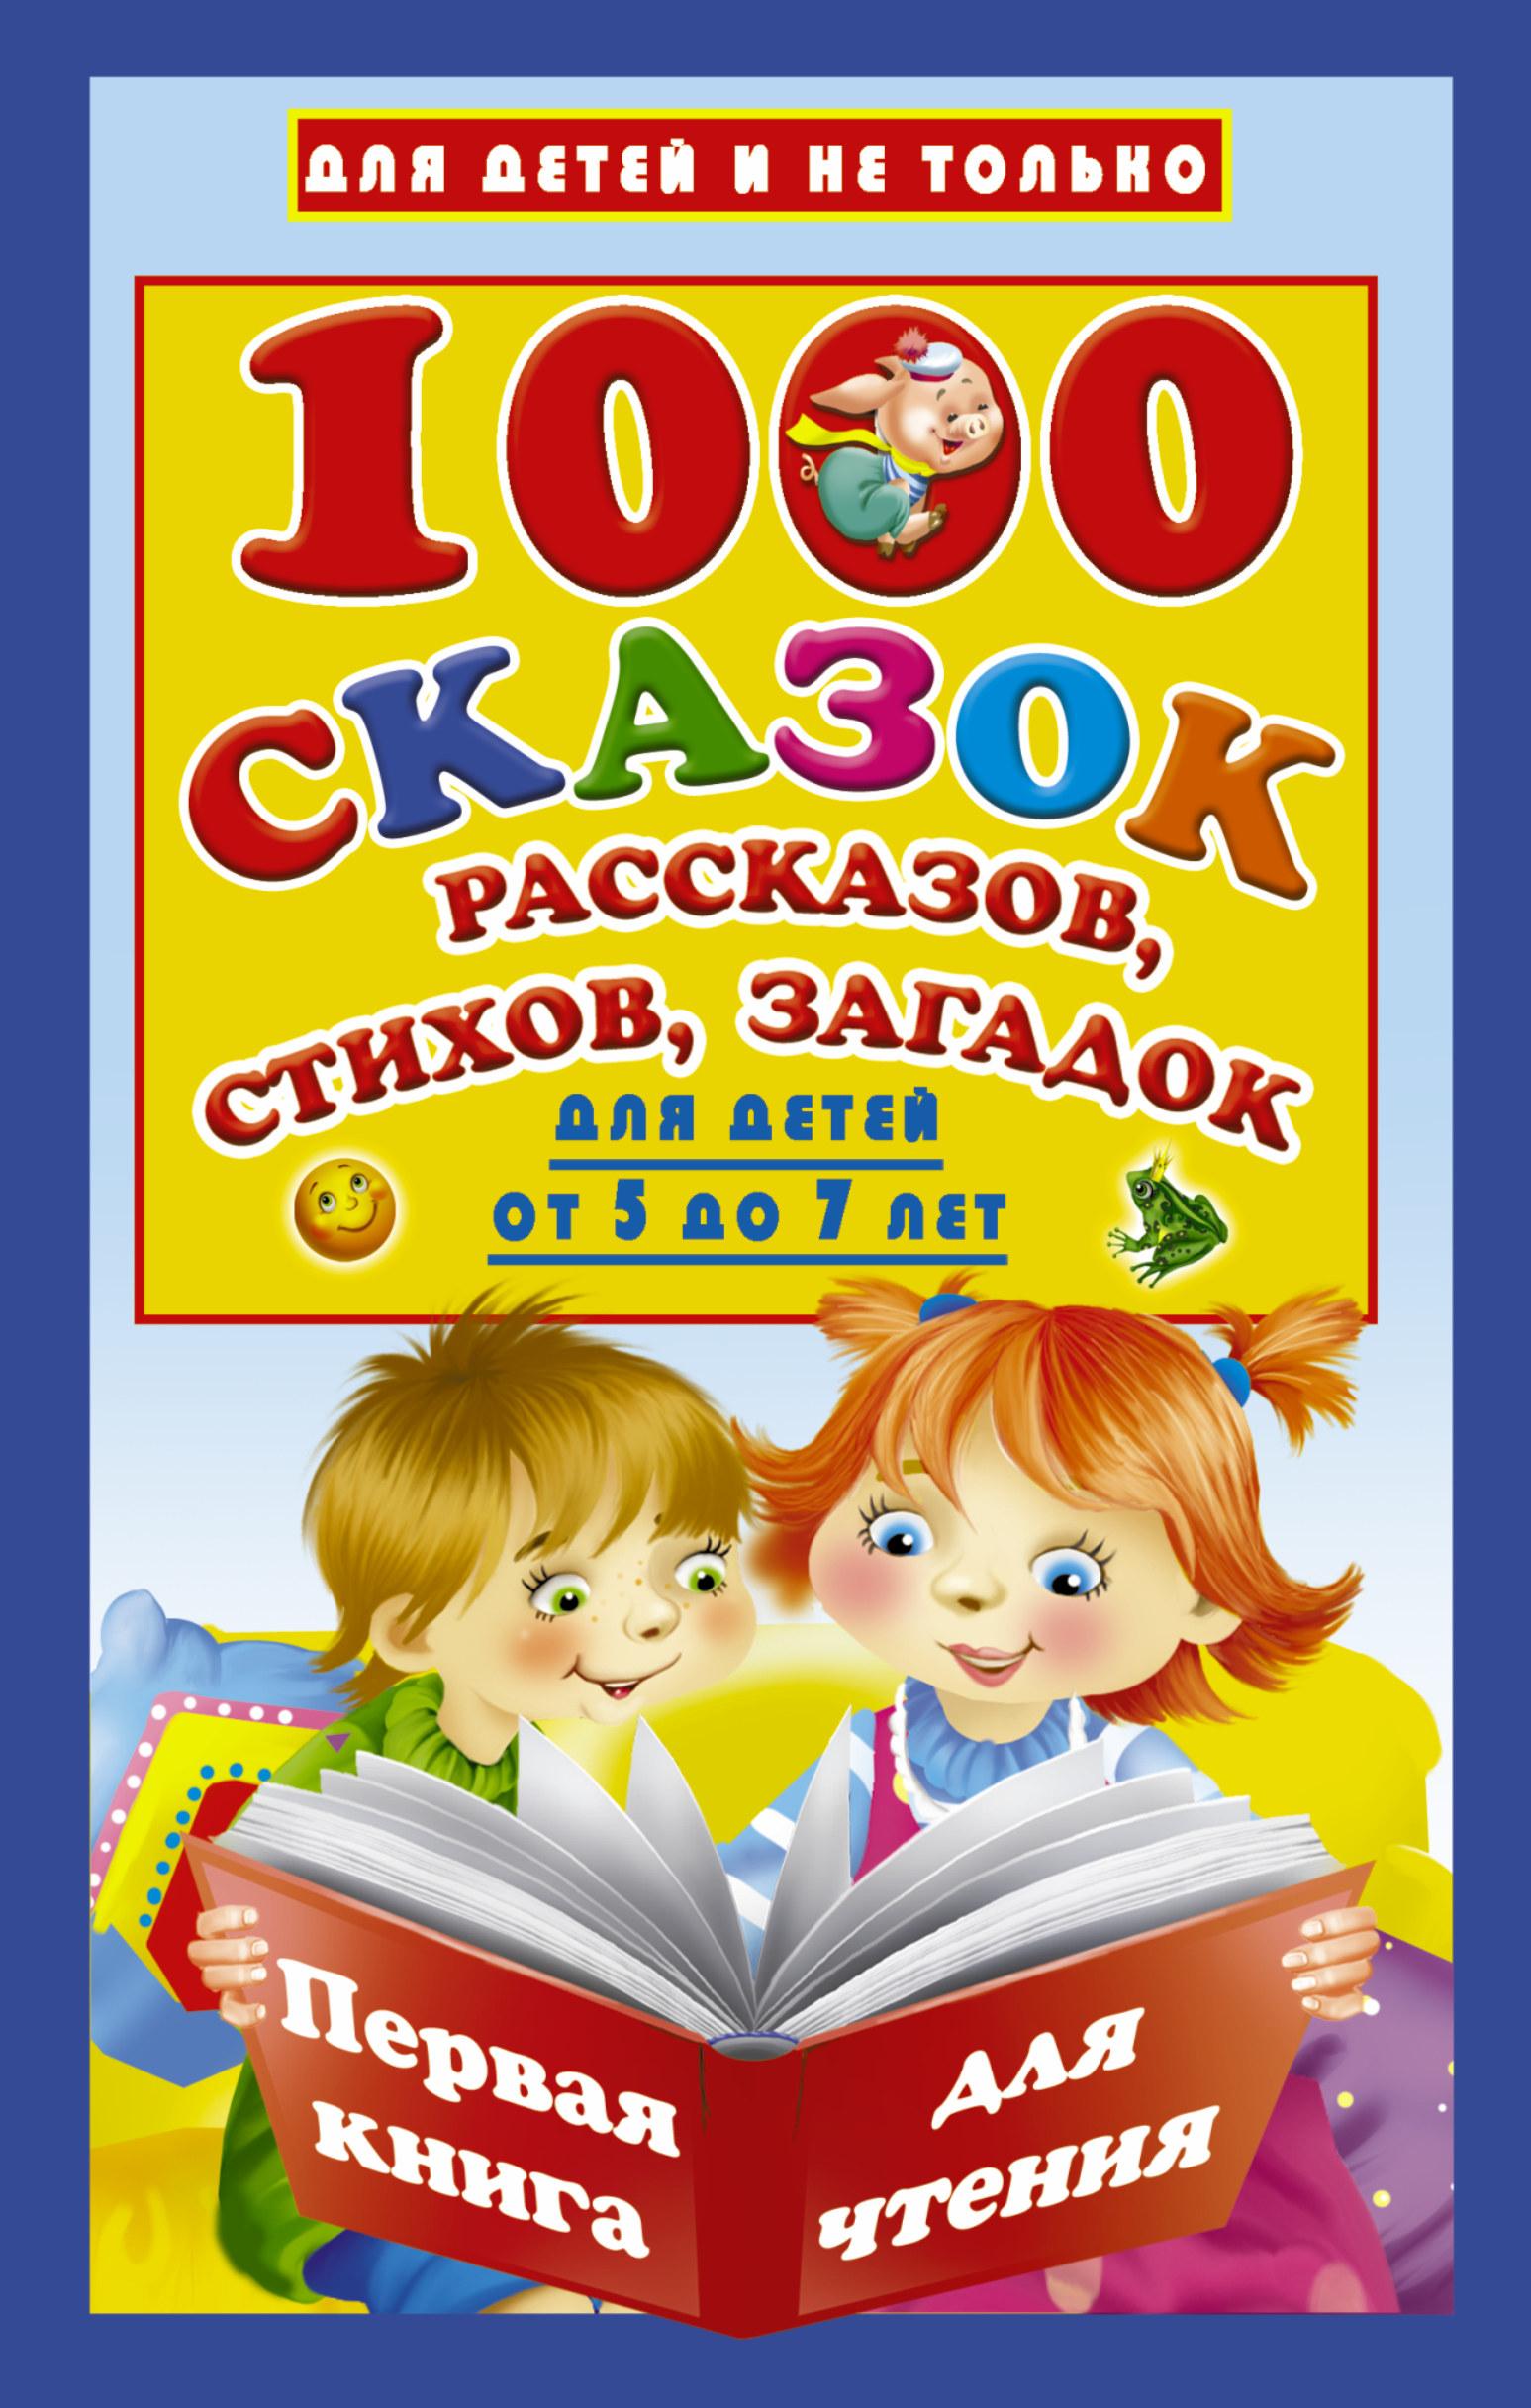 Дмитриева В.Г. 1000 сказок, рассказов, стихов, загадок. Первая книга для чтения трубицын в первое апреля сборник юмористических рассказов и стихов